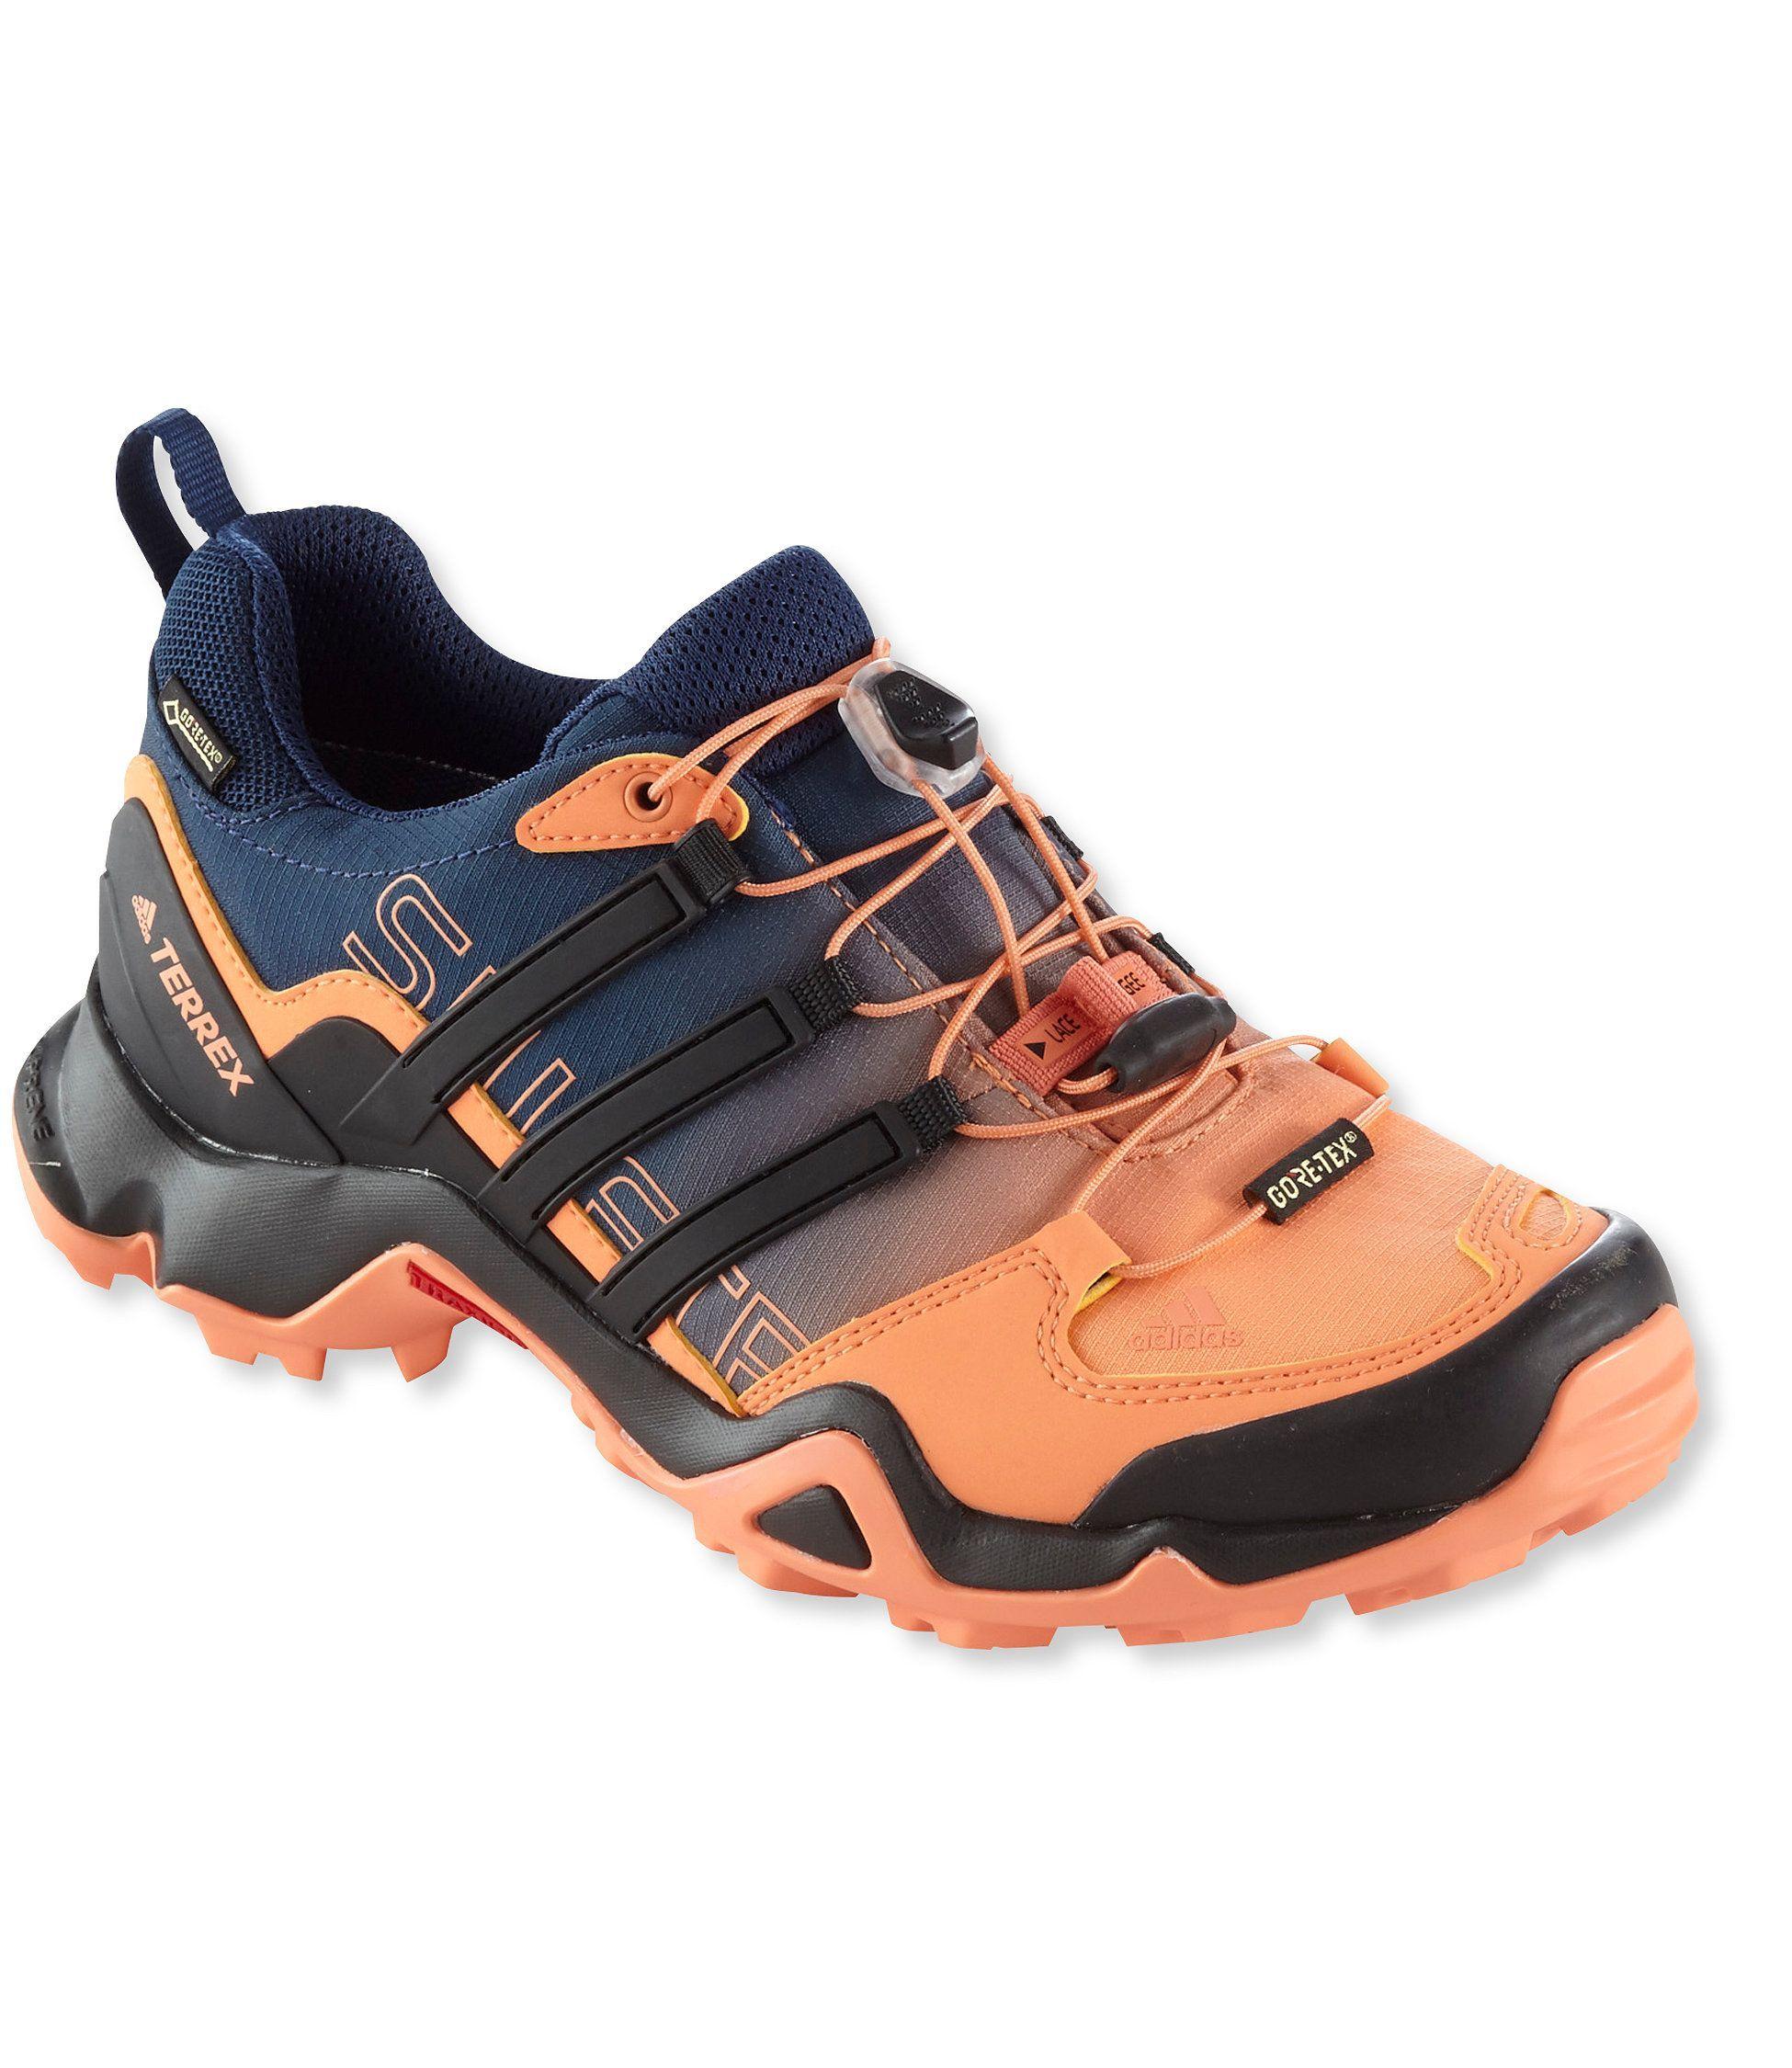 moda scarpe 21 per le scarpe da trekking, gore - tex e adidas